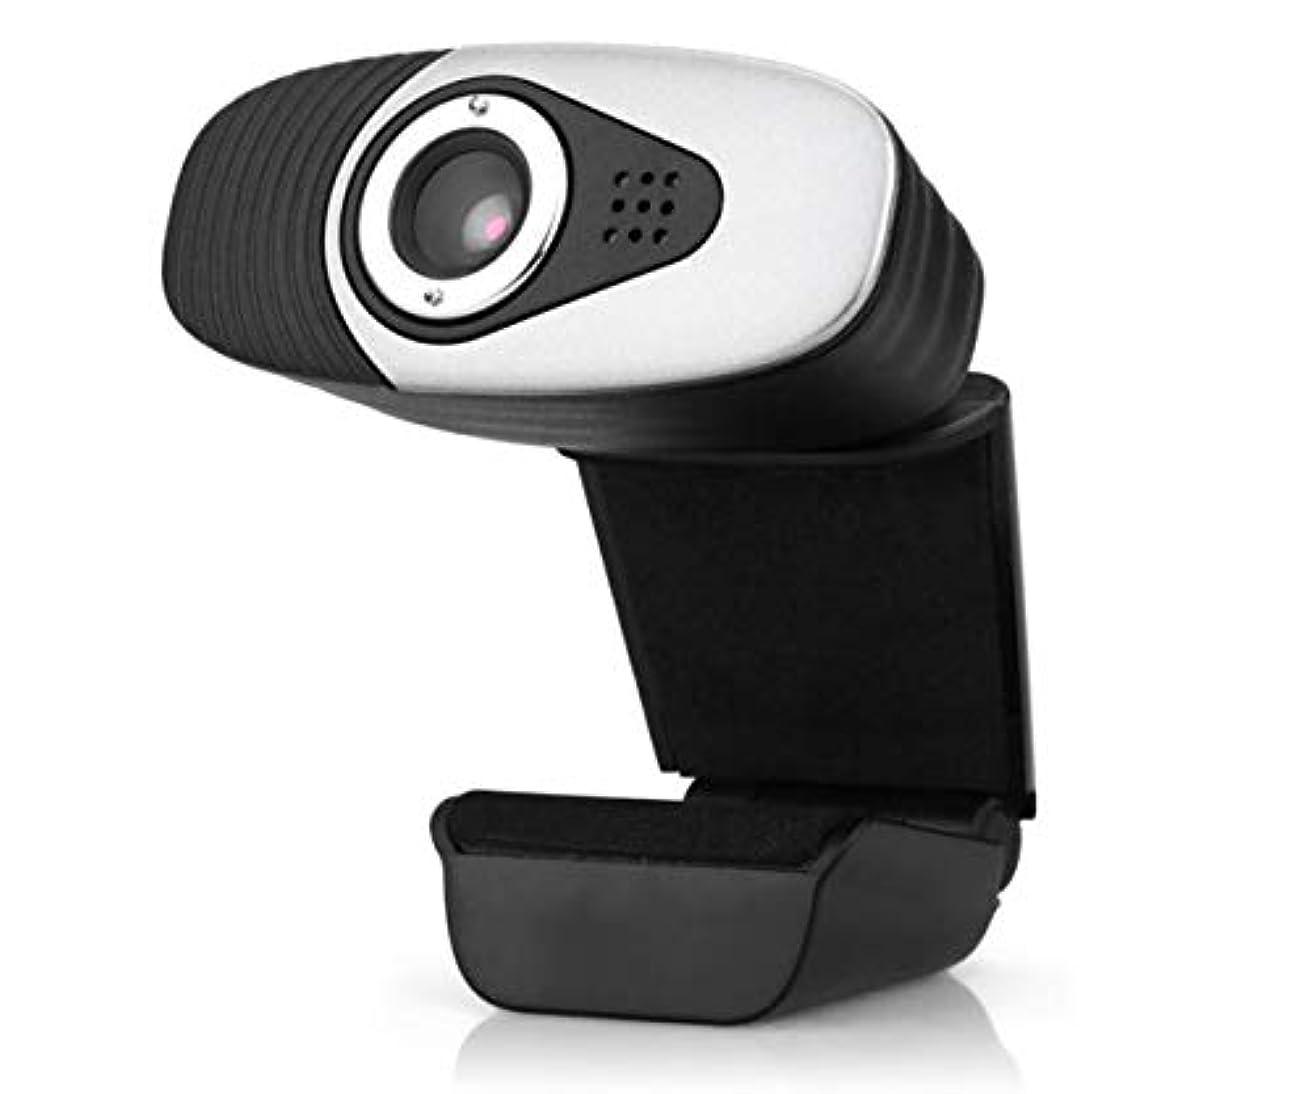 チャームアーサーグループウェブカメラフルHD 1080 p OBSライブウェブカメラマイクビデオ通話録音コンピュータラップトップデスクトッププラグプレイウェブカメラ